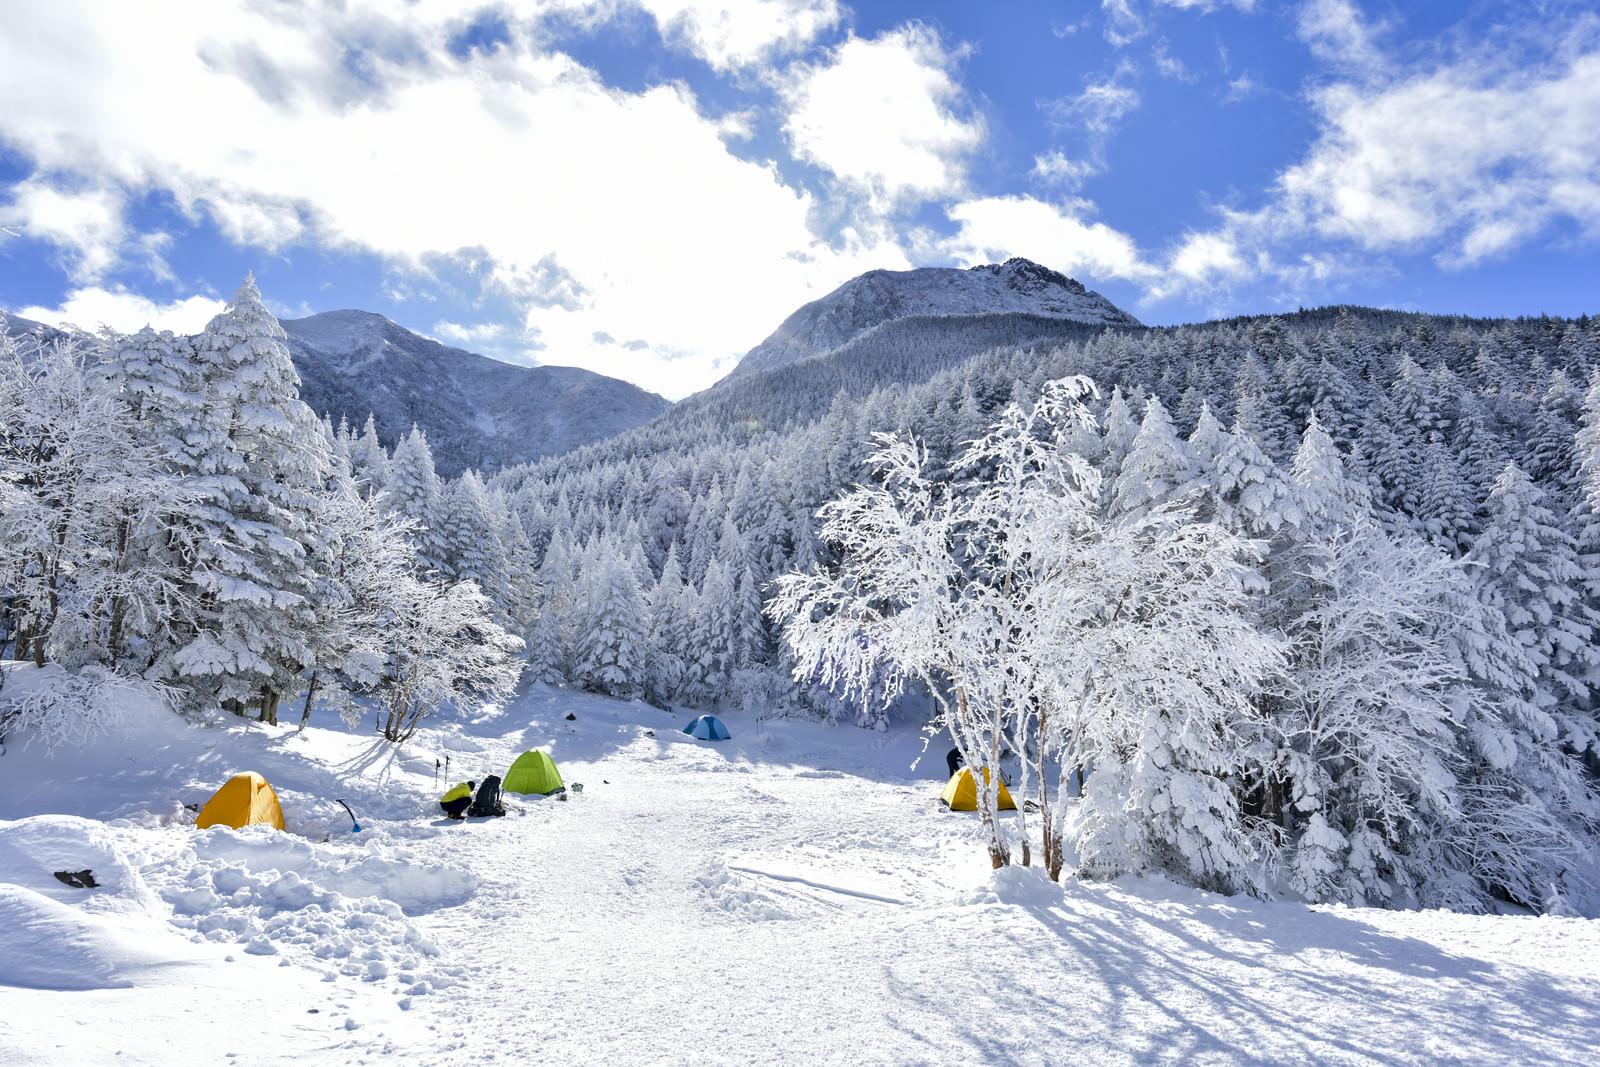 「凍てつく木々が広がるテント場から見上げる八ヶ岳(やつがたけ)」の写真